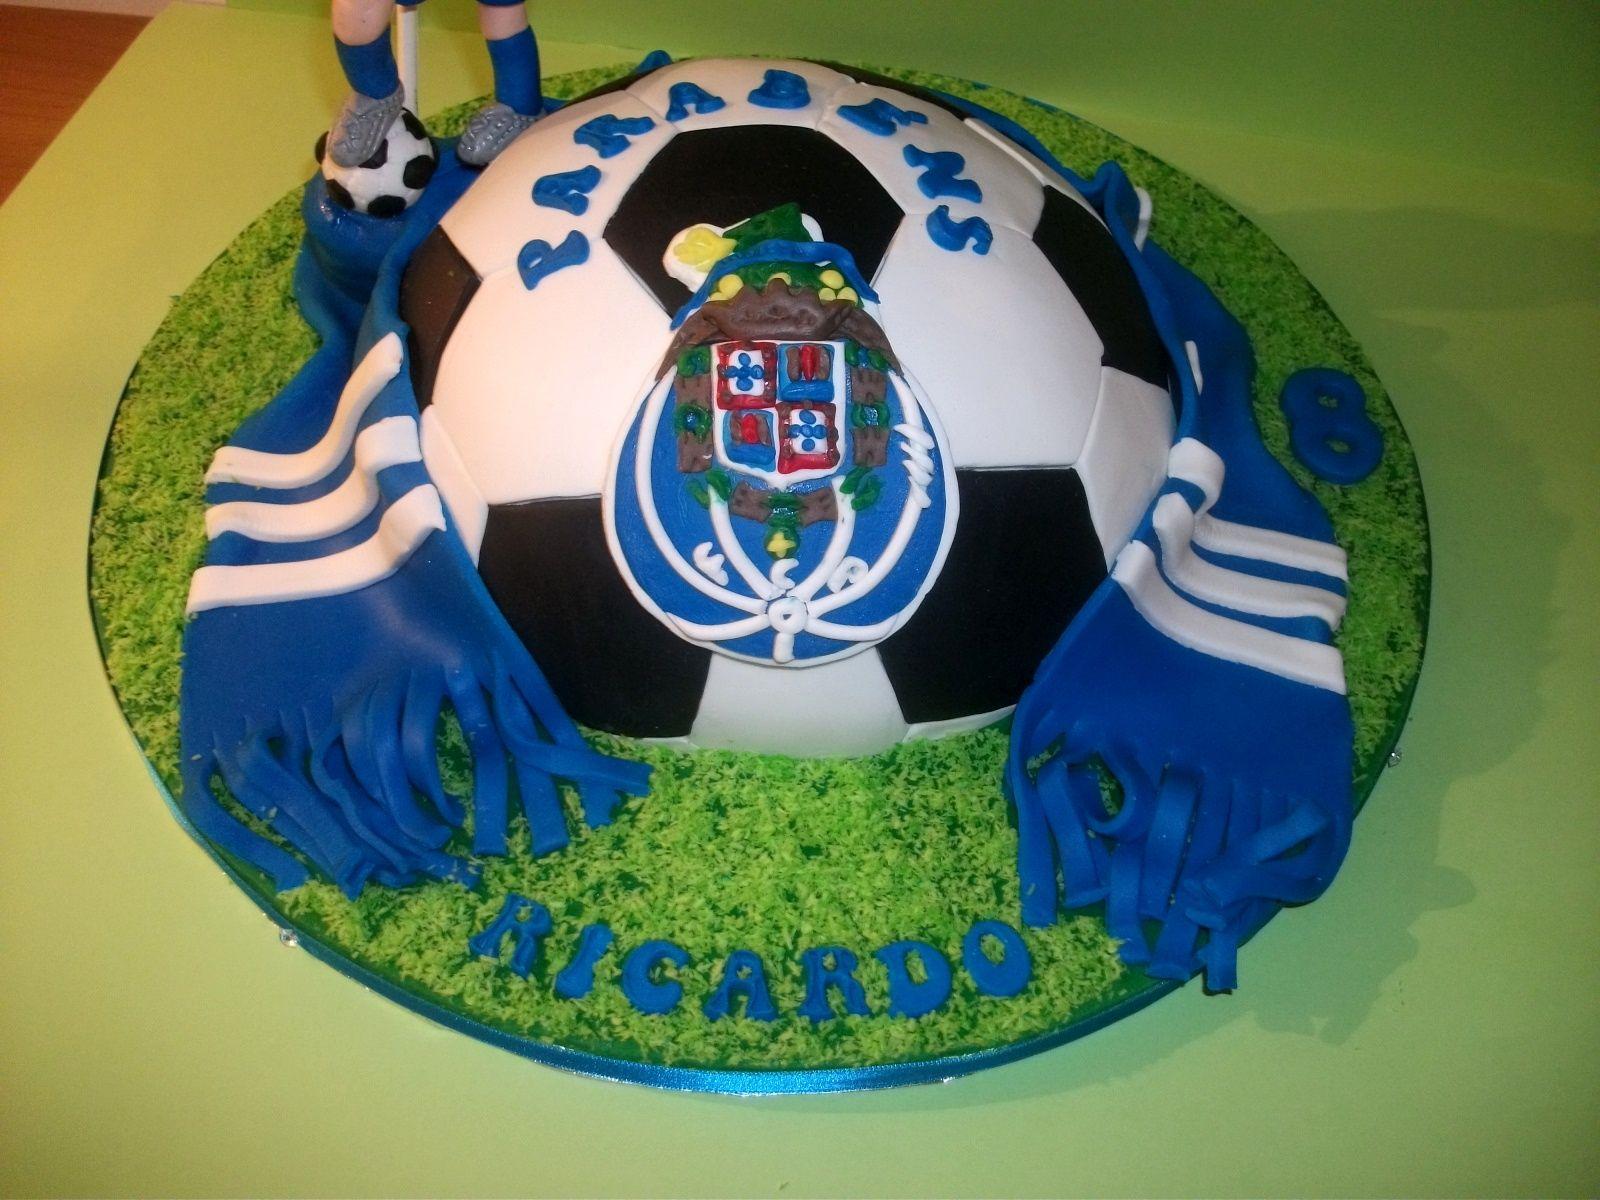 3f06c3d53fc2e Futebol clube do Porto cake Recheio De Chocolate